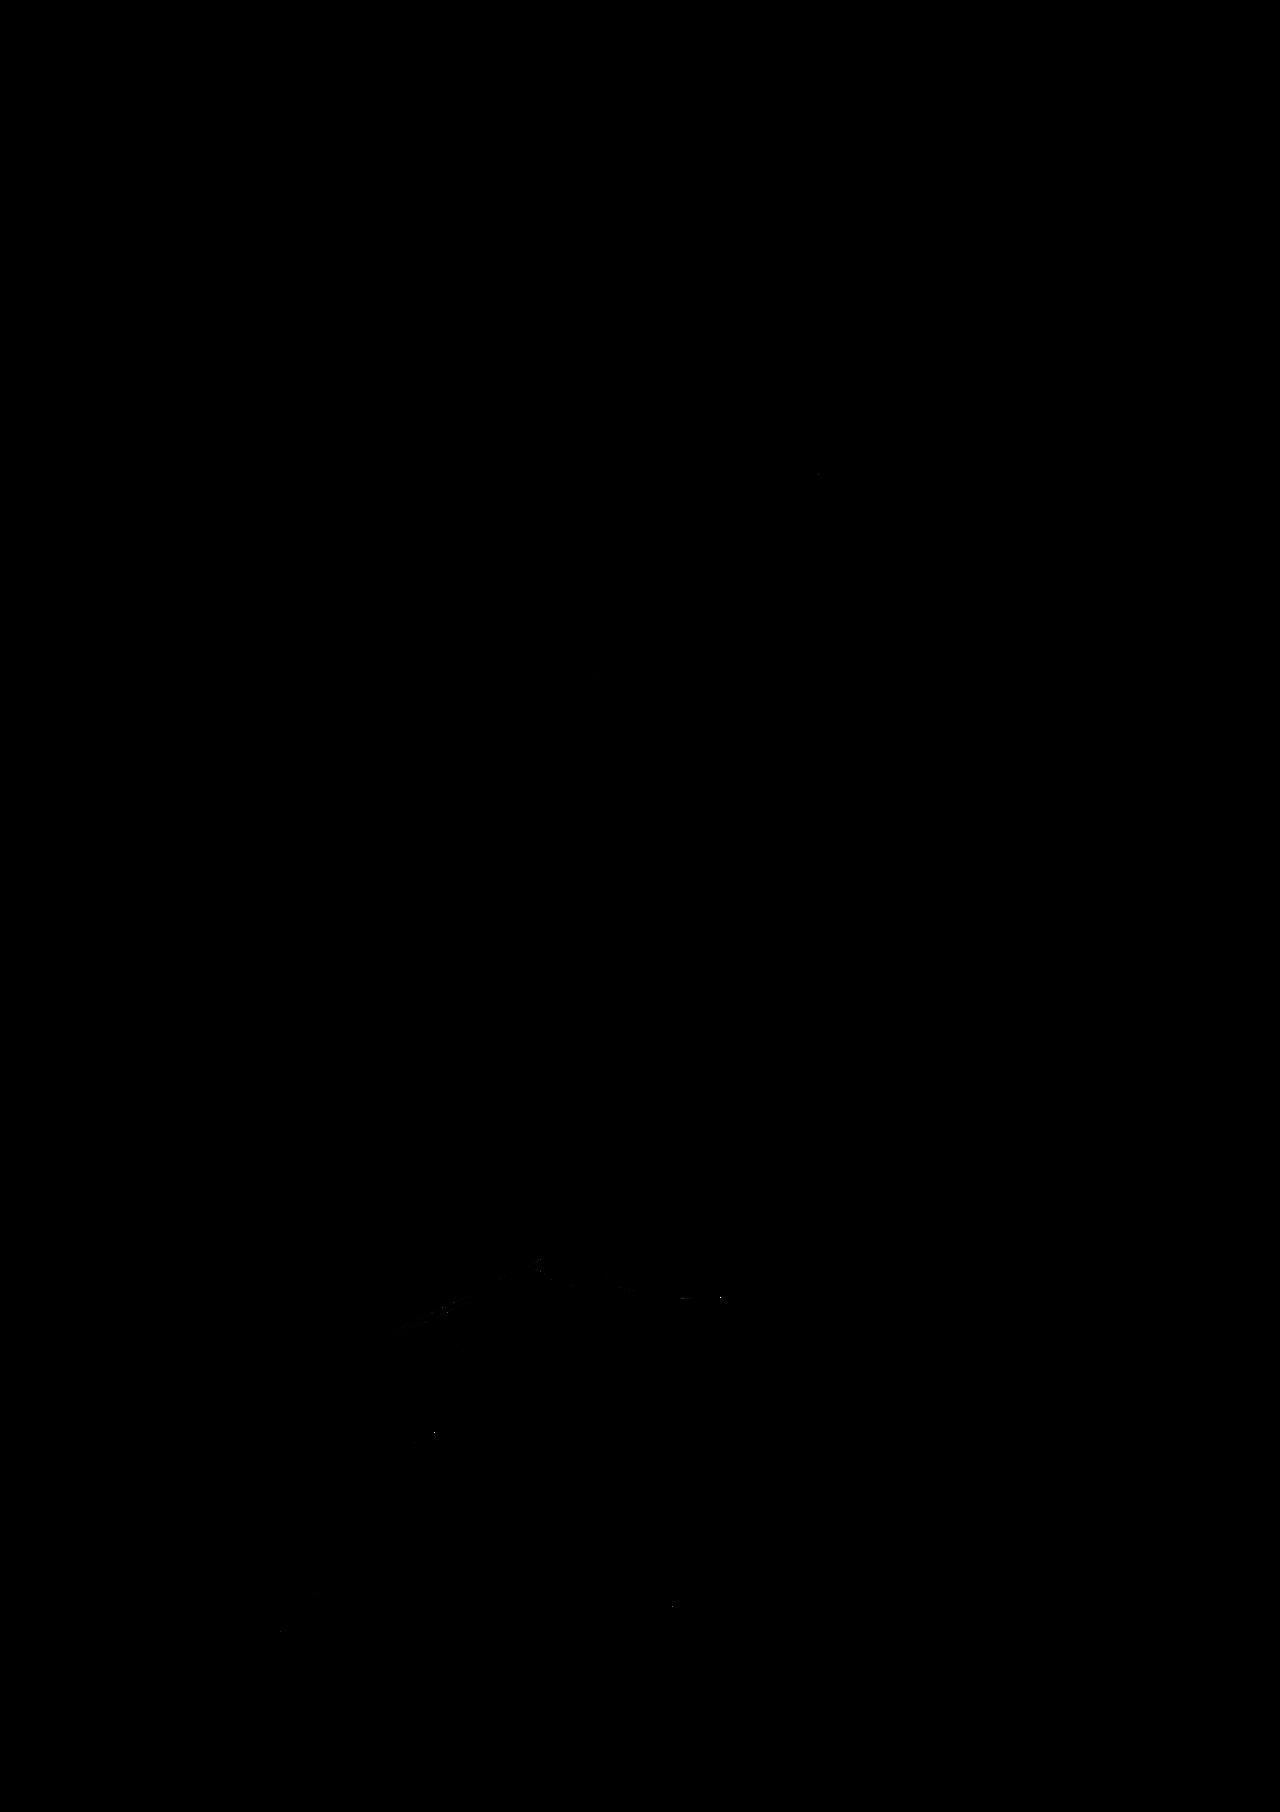 Pin oleh spetri di LineArt Shingeki no Kyojin